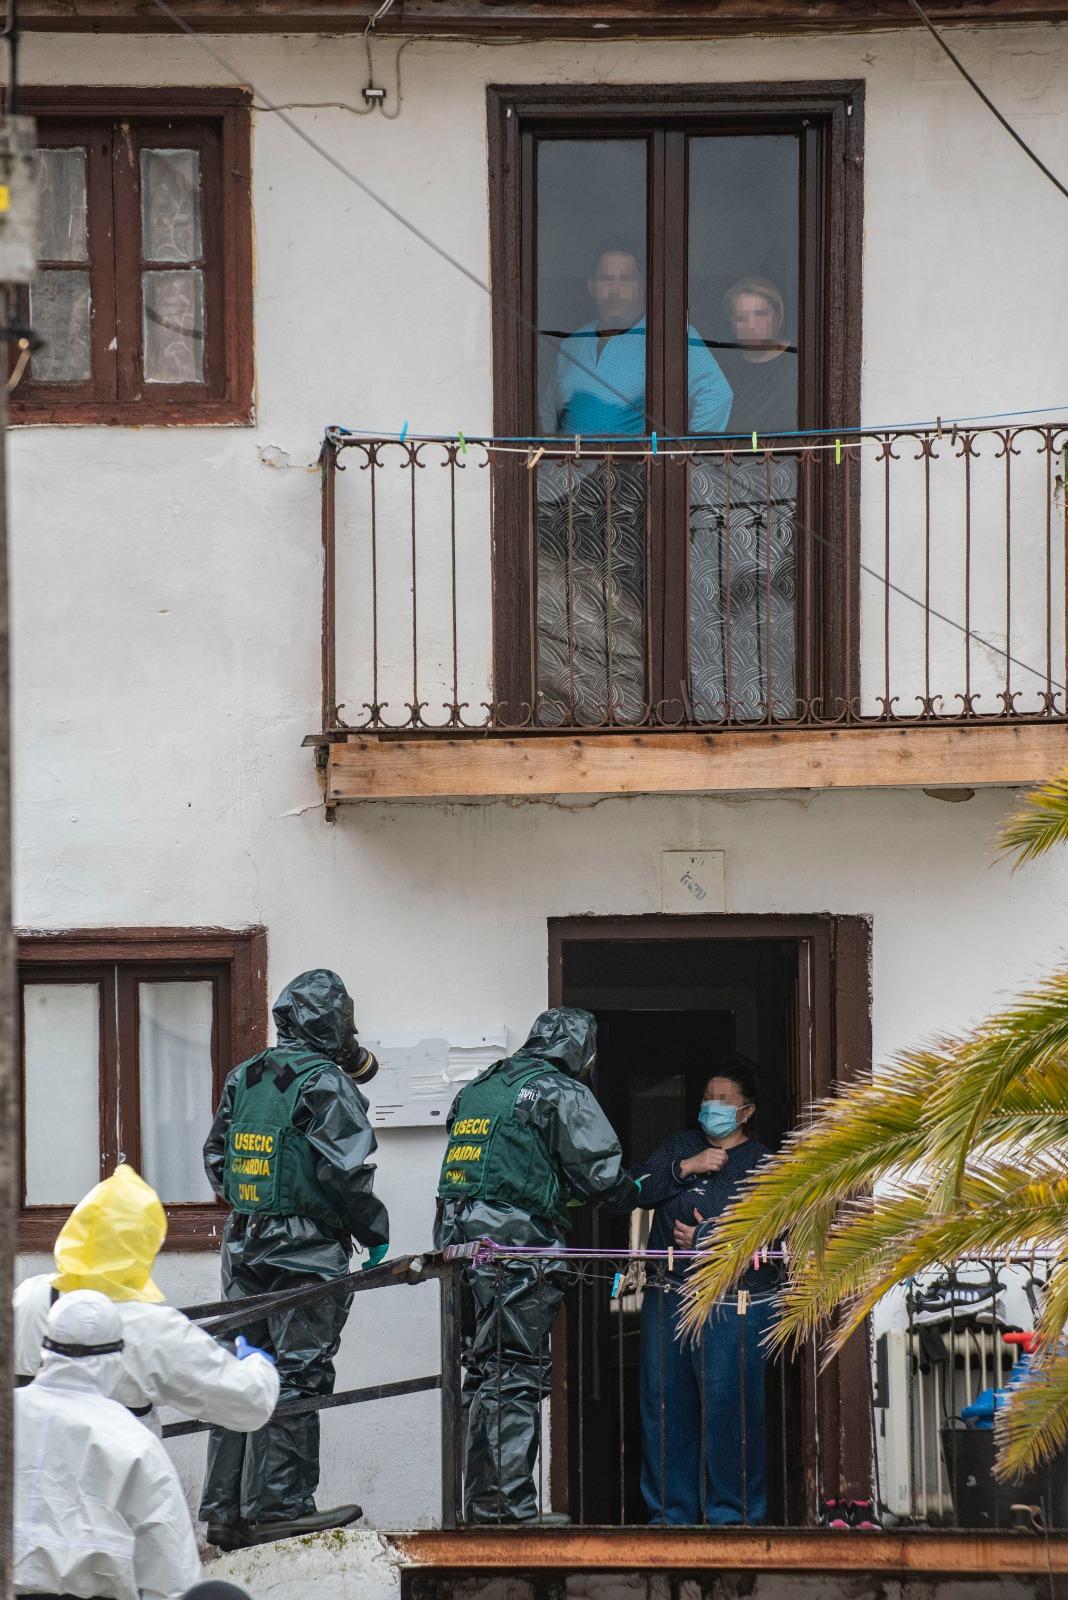 Despliegue de la Guardia Civil en Santoña para notificar el confinamiento de más familias